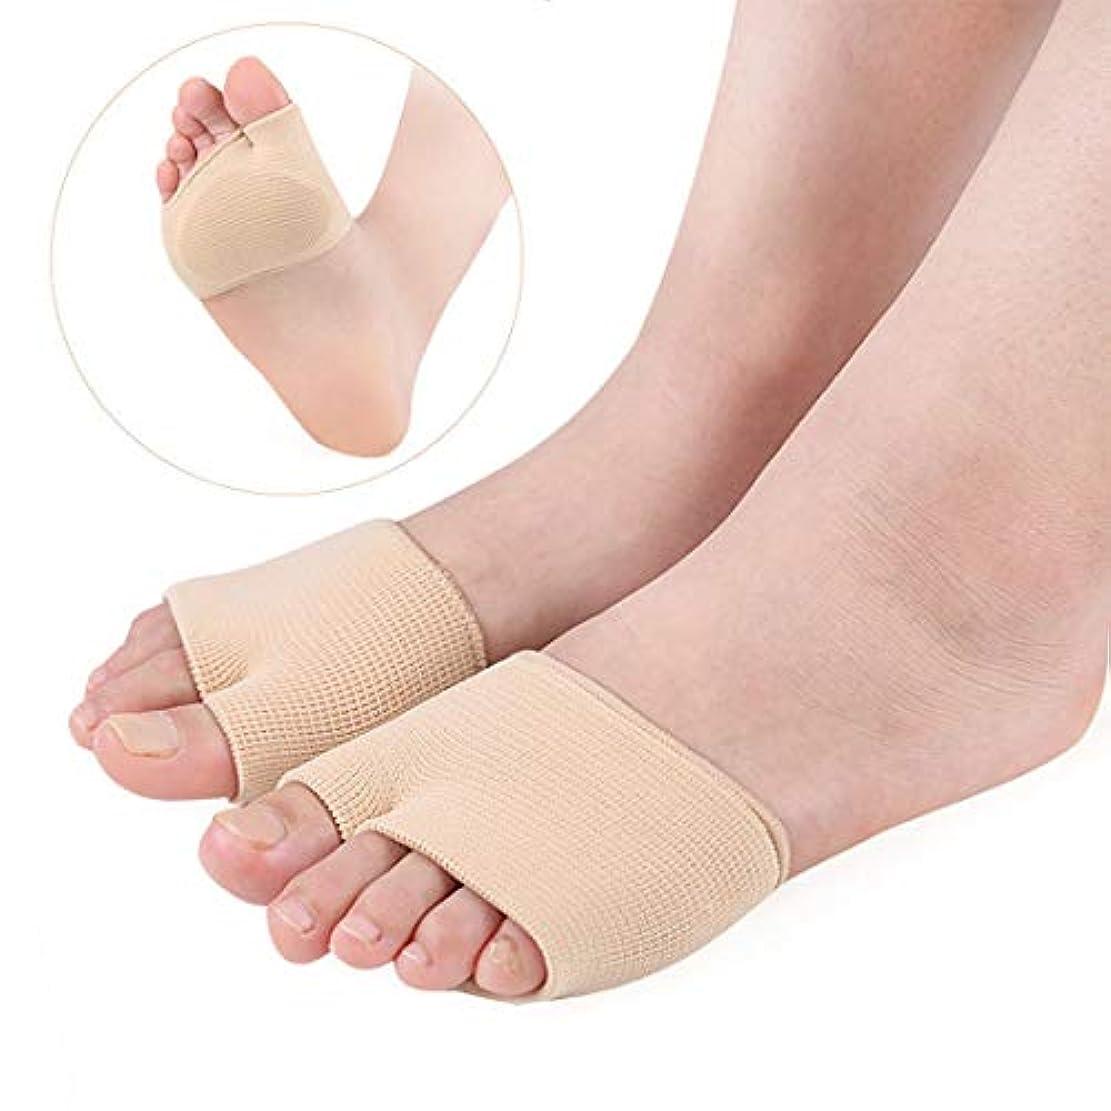 スリチンモイ学習オーナー腱膜瘤矯正と腱膜瘤救済、女性と男性のための整形外科の足の親指矯正、昼夜のサポート、外反母Valの治療と予防,S